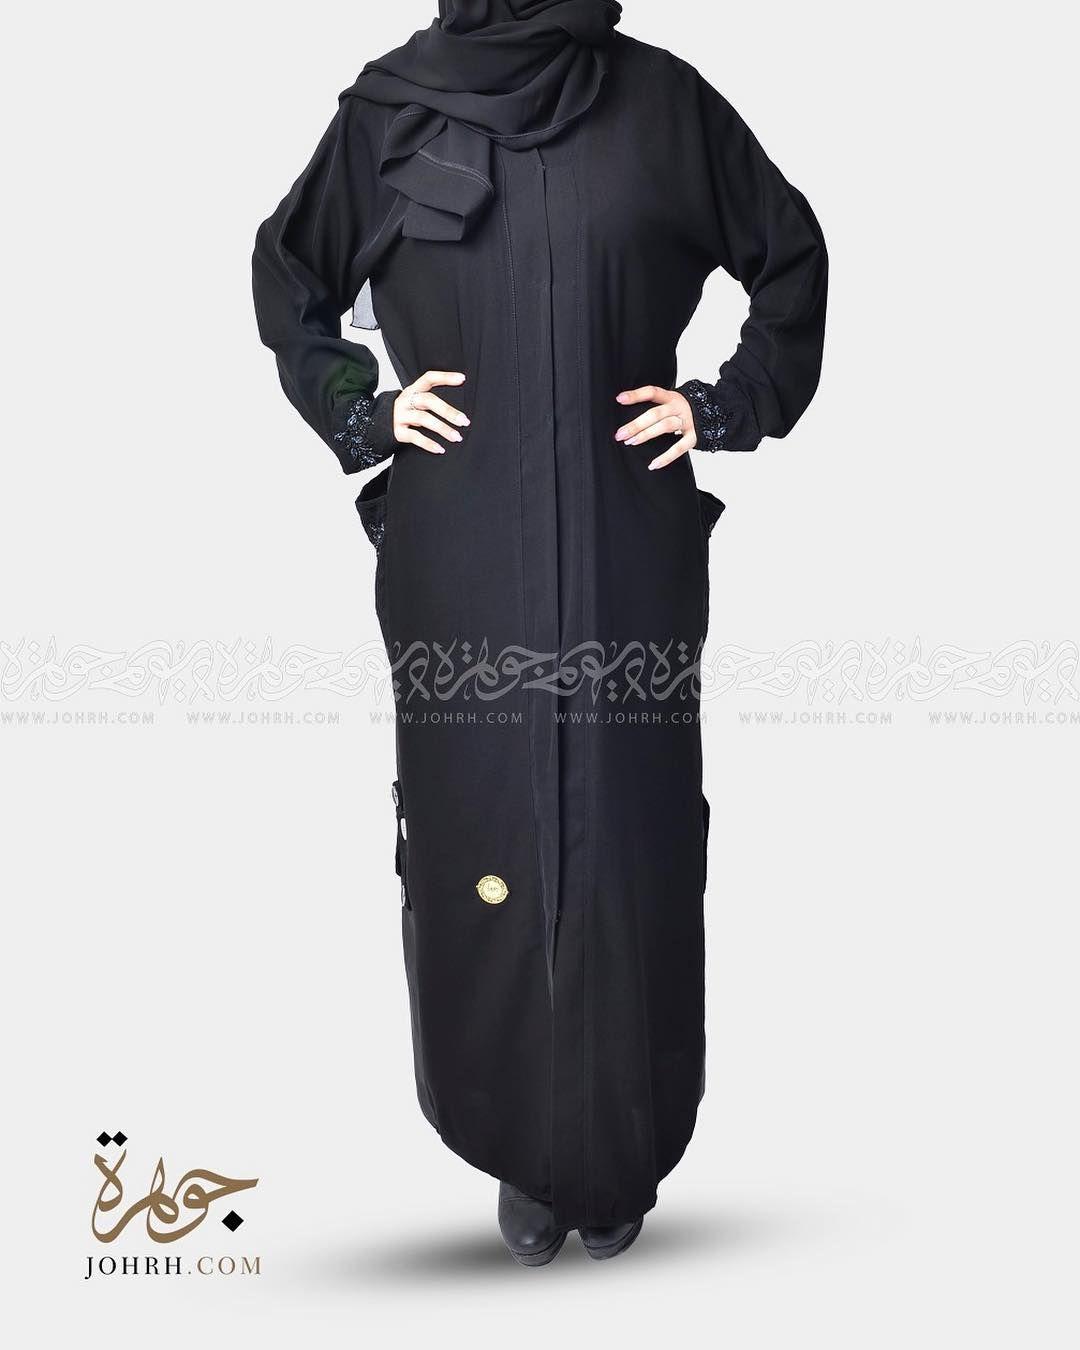 رقم الموديل 1254 السعر 240 ريال عباية بتفاصيل عديده قماش العباءة من الكريب الملكي مع قصة كم ضيقة بقماش شاكيرا ومشكوكة بخرز على ش Abayas Fashion Fashion Coat